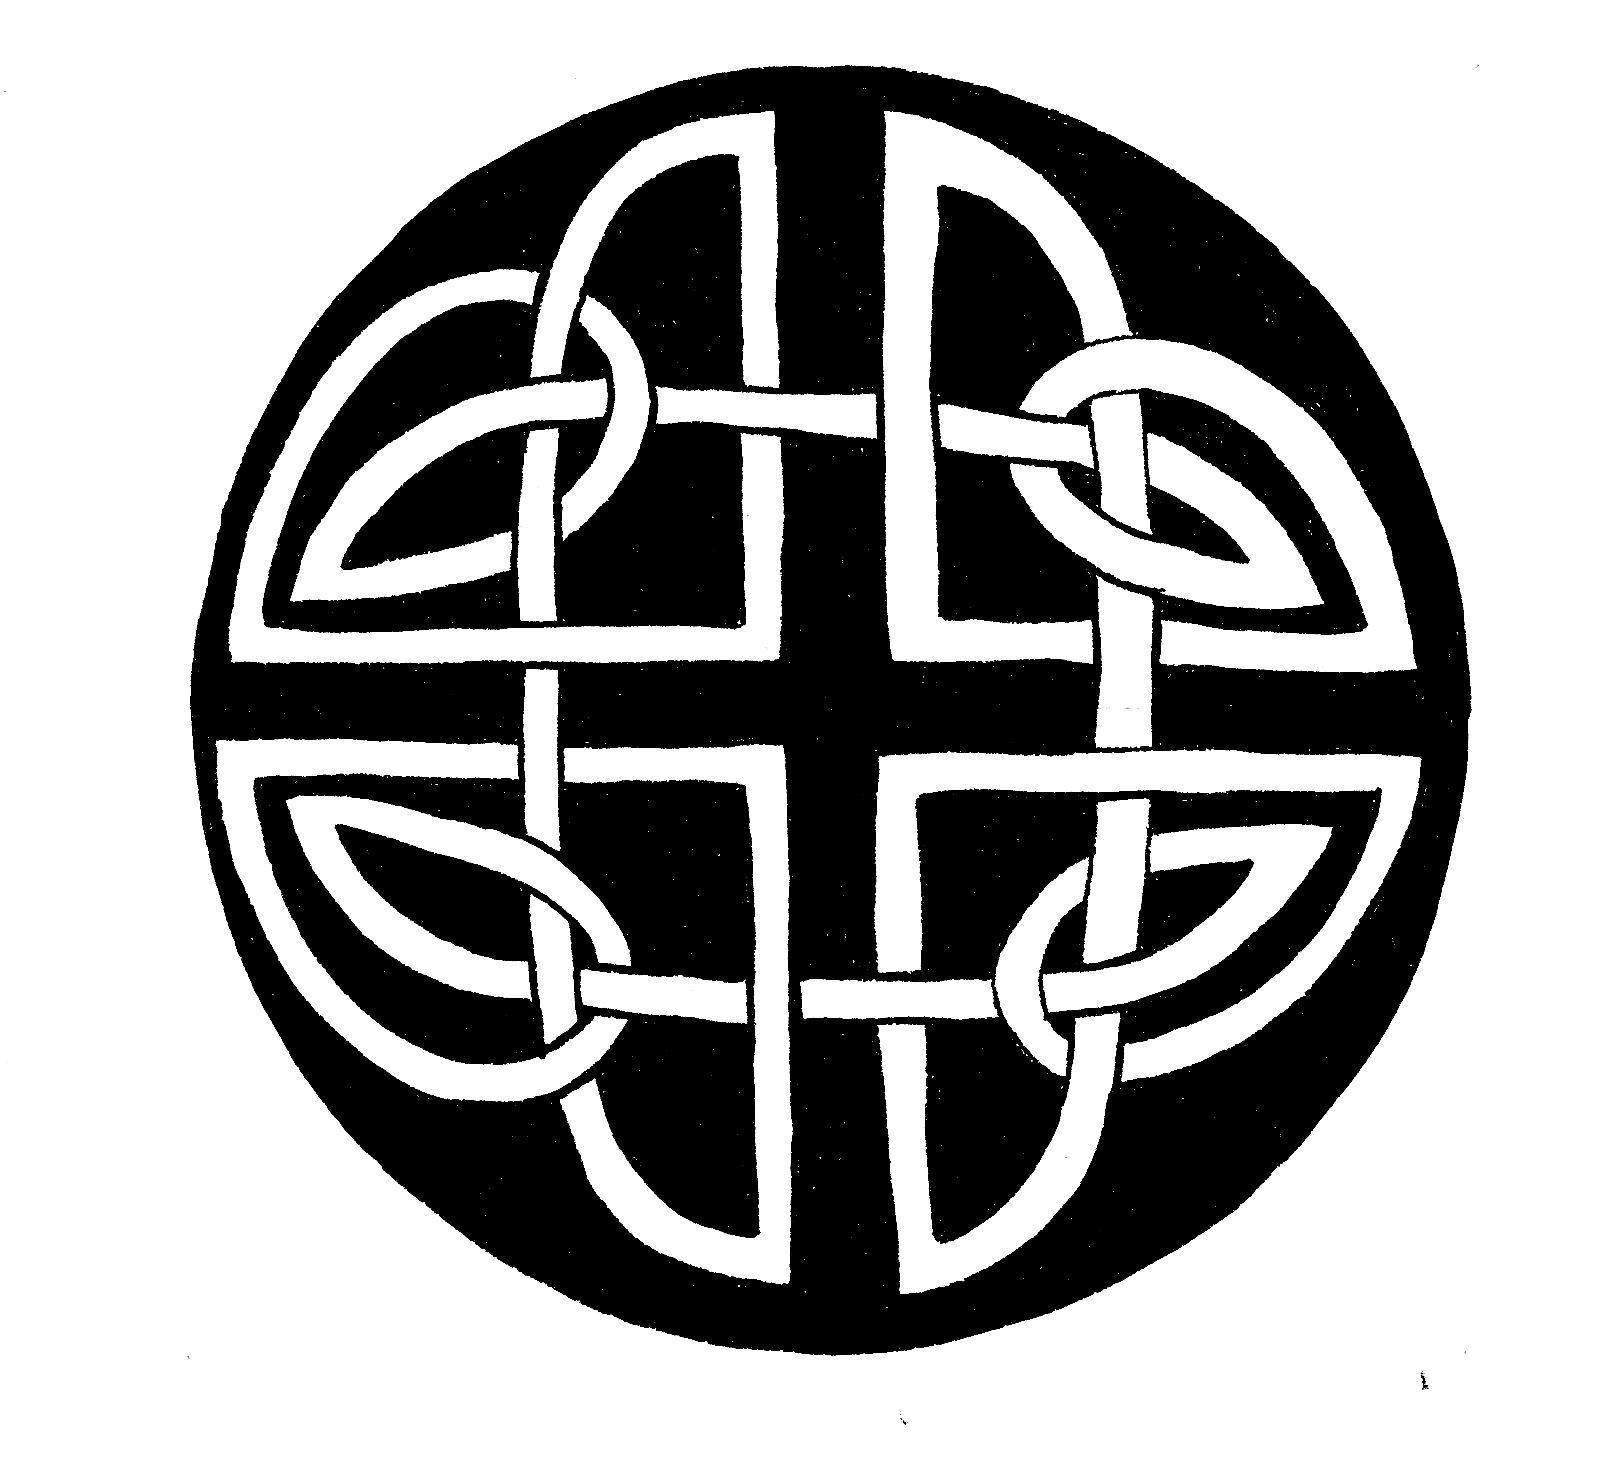 Simbolo celta de agradecimiento | Abundancia y prosperidad ...